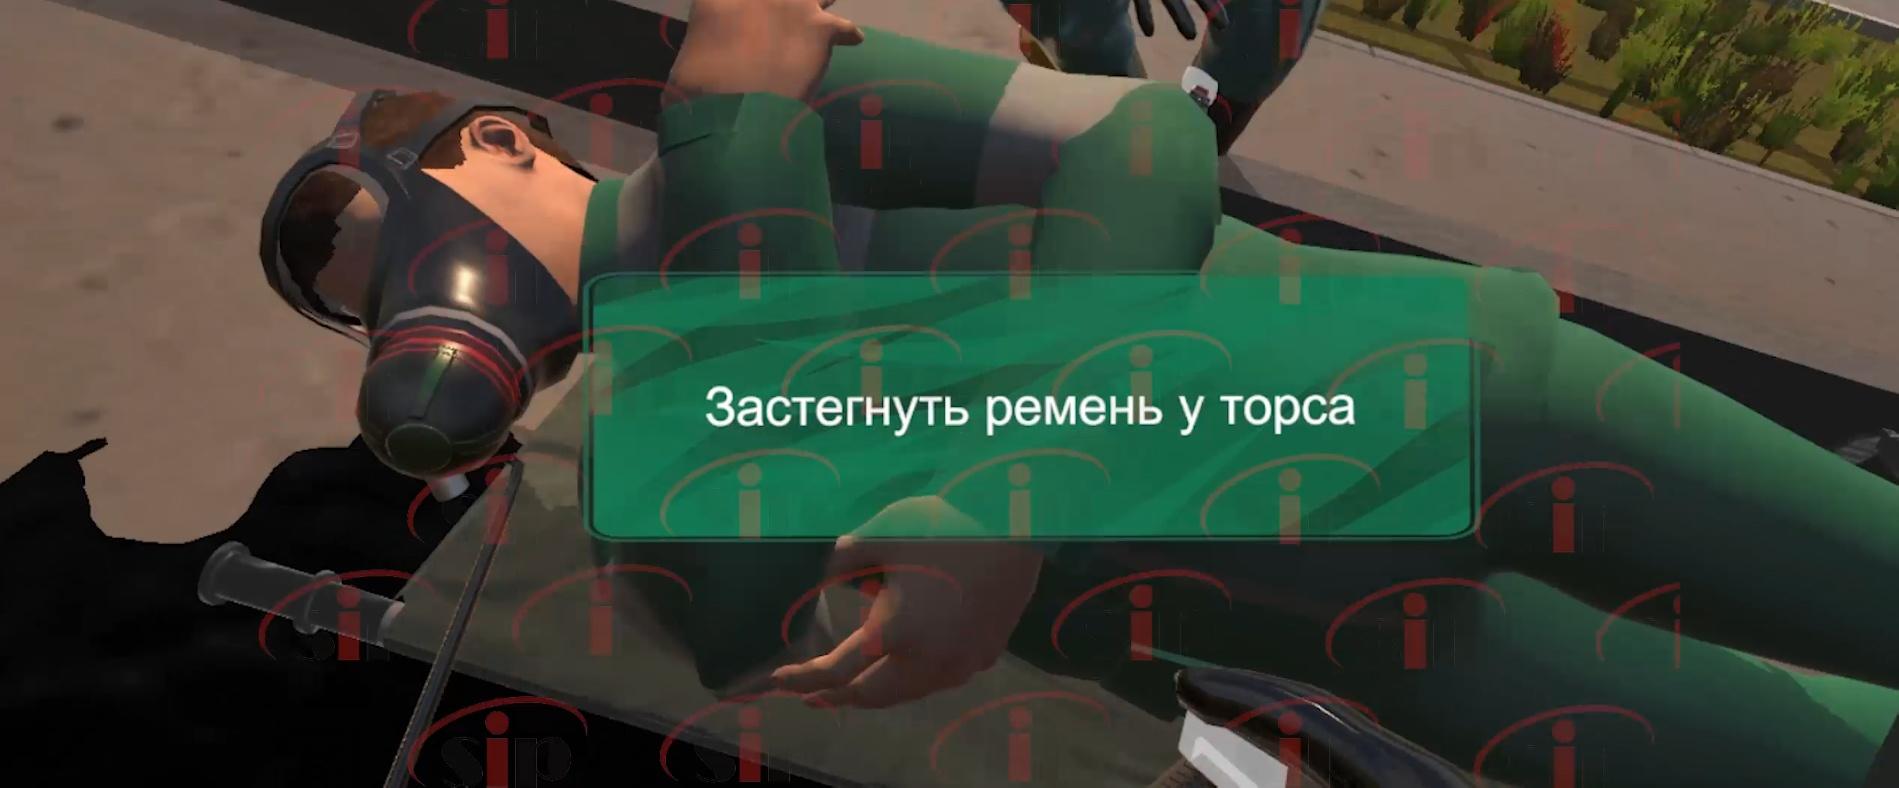 Превью_21